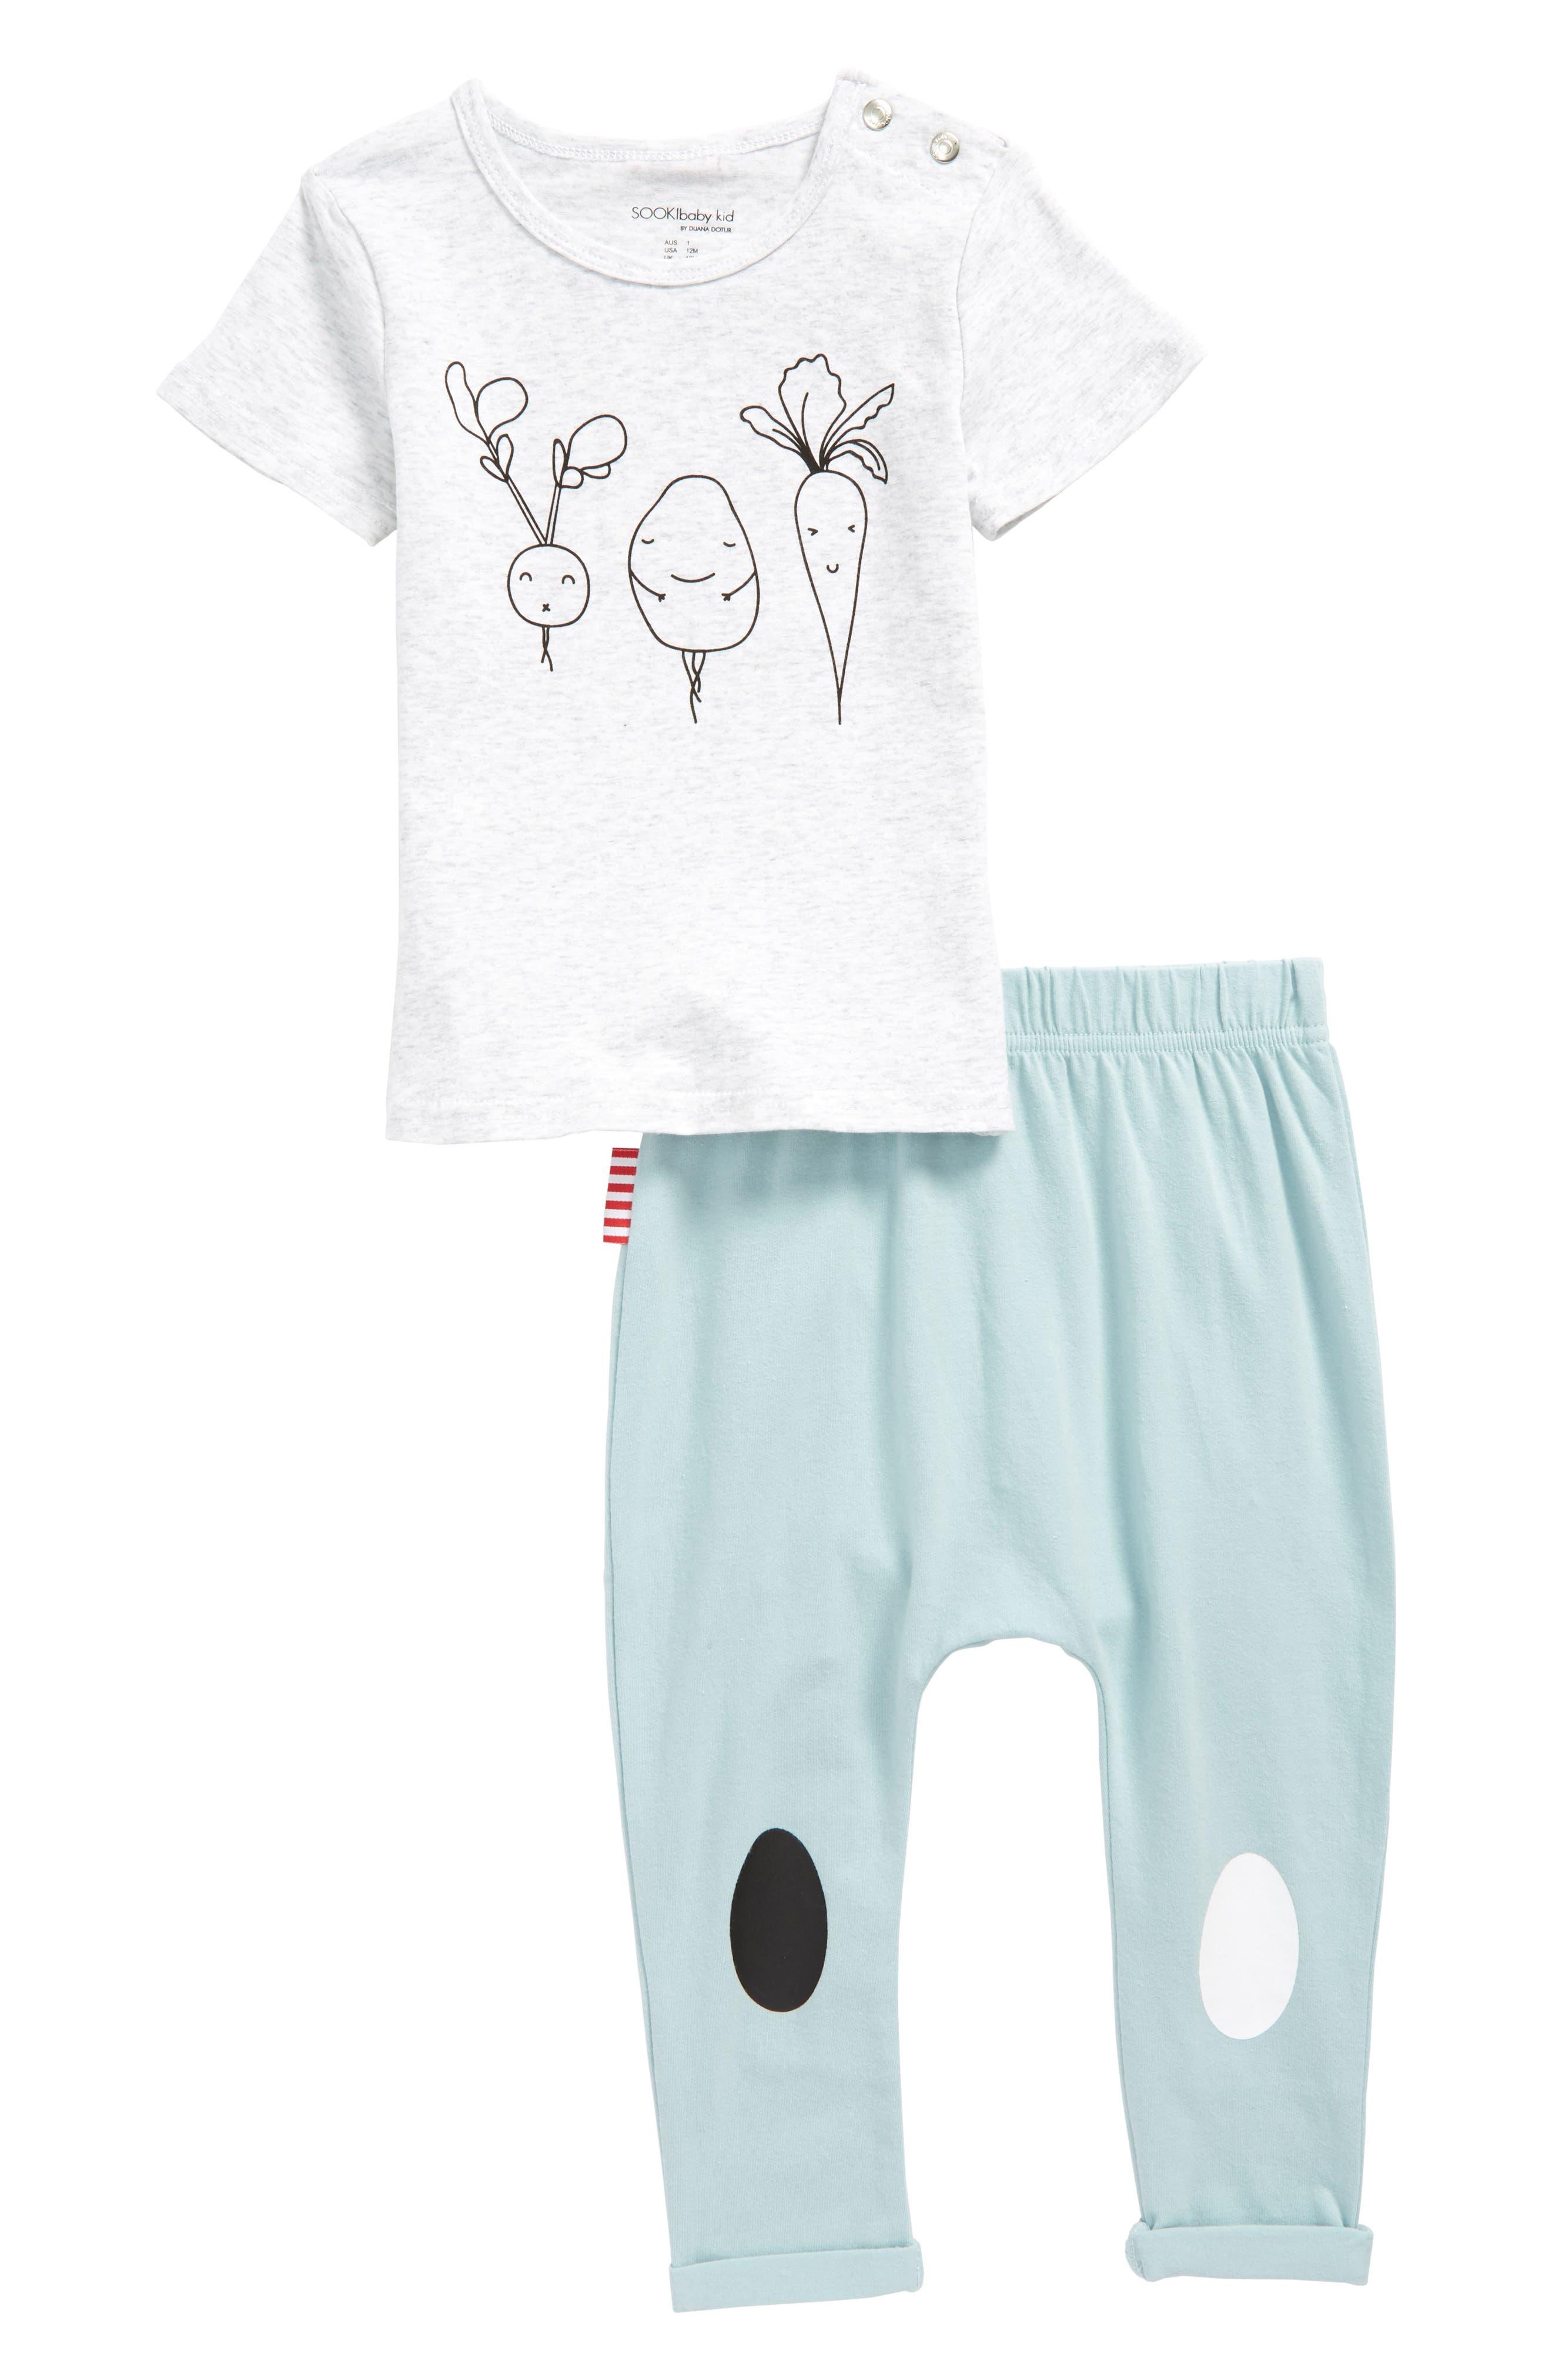 Brunch T-Shirt & Pants Set,                         Main,                         color, Grey/ Mint